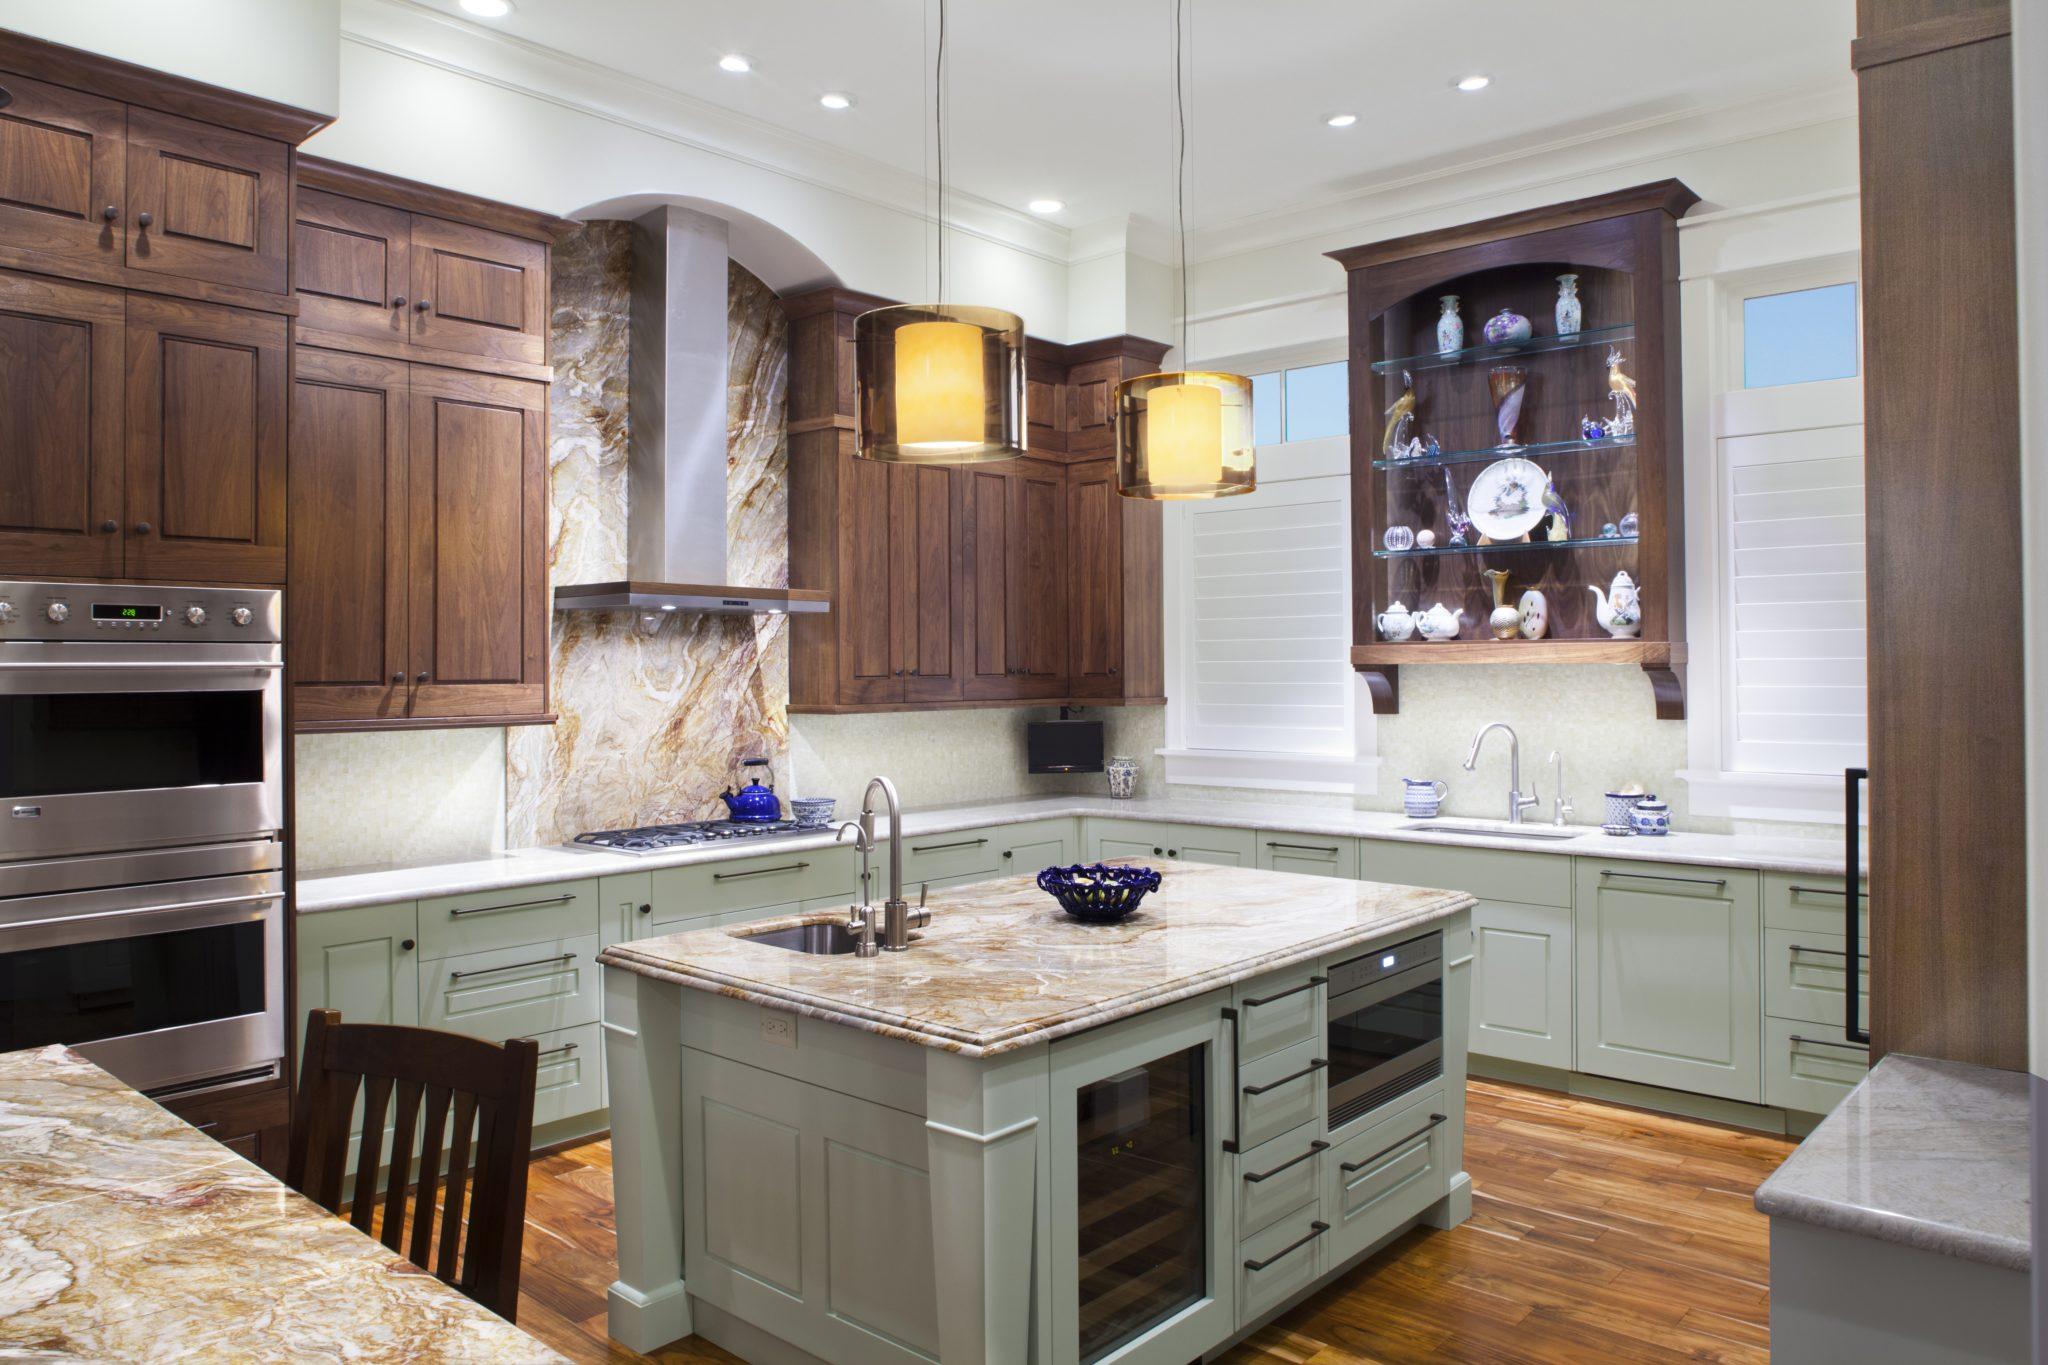 Coastal transitional kitchen by Amanda Webster Design, Inc.